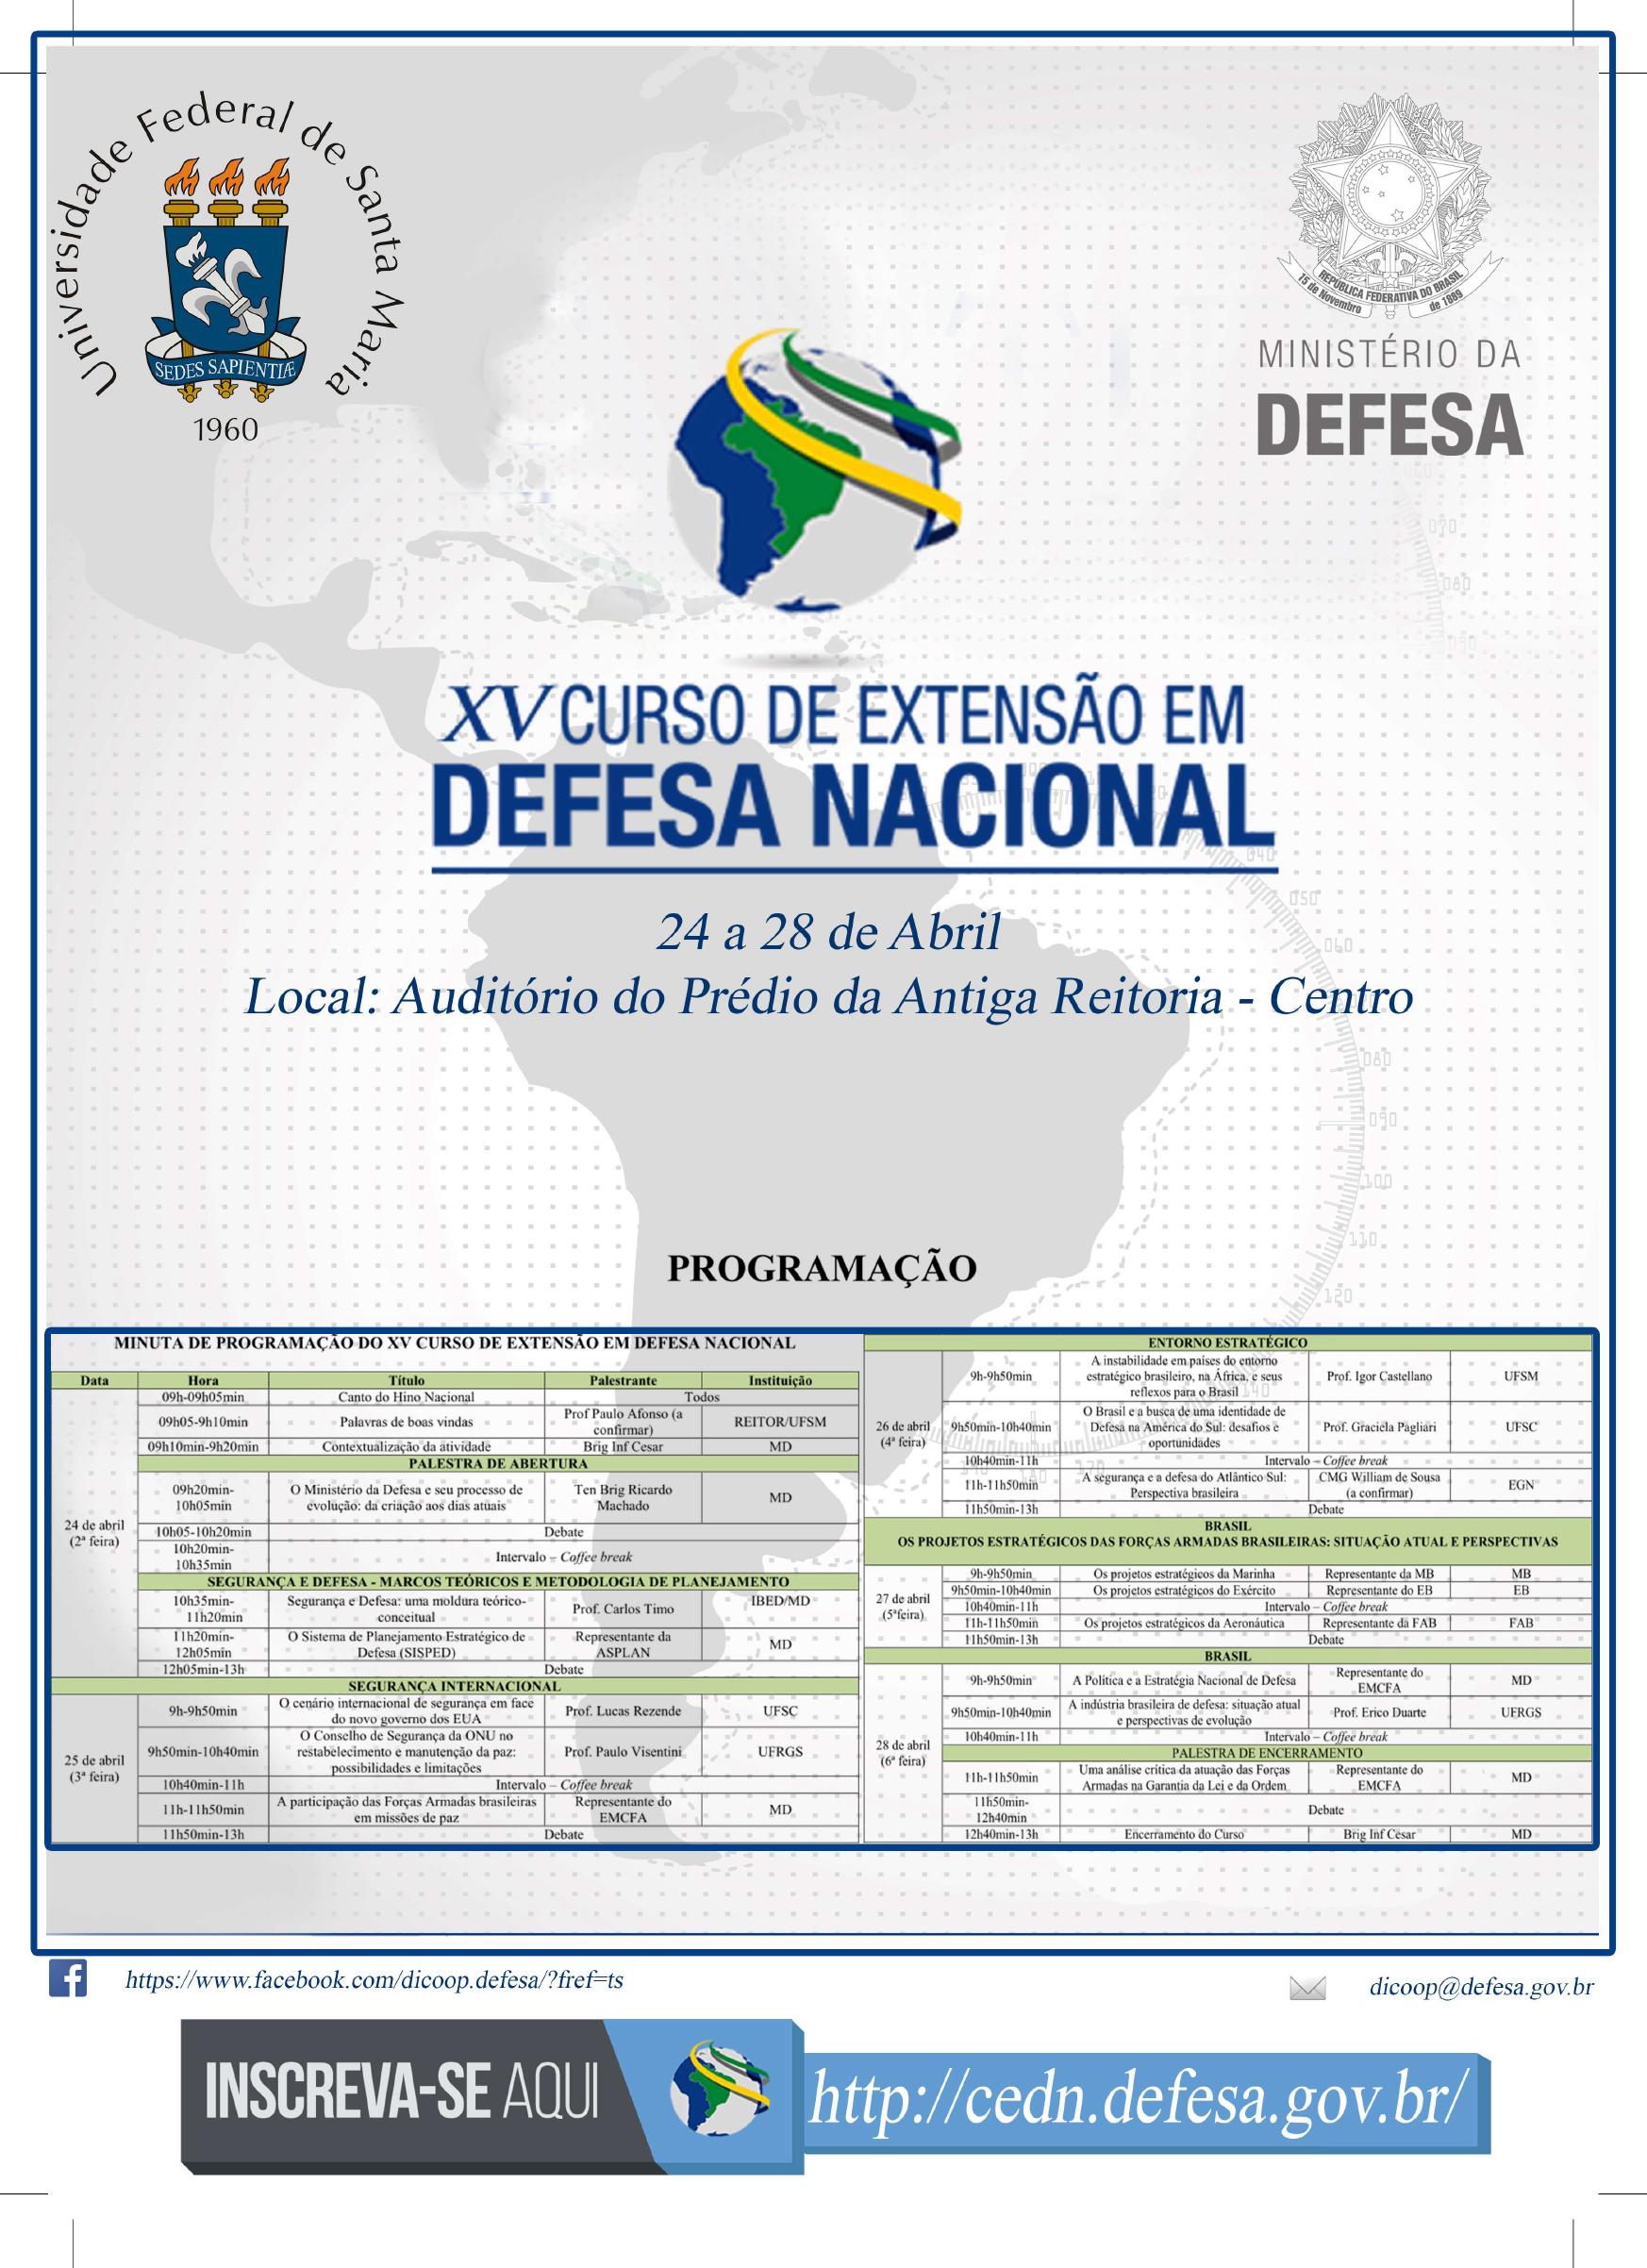 GECAP Cartaz Curso de Extensao em Defesa Nacional